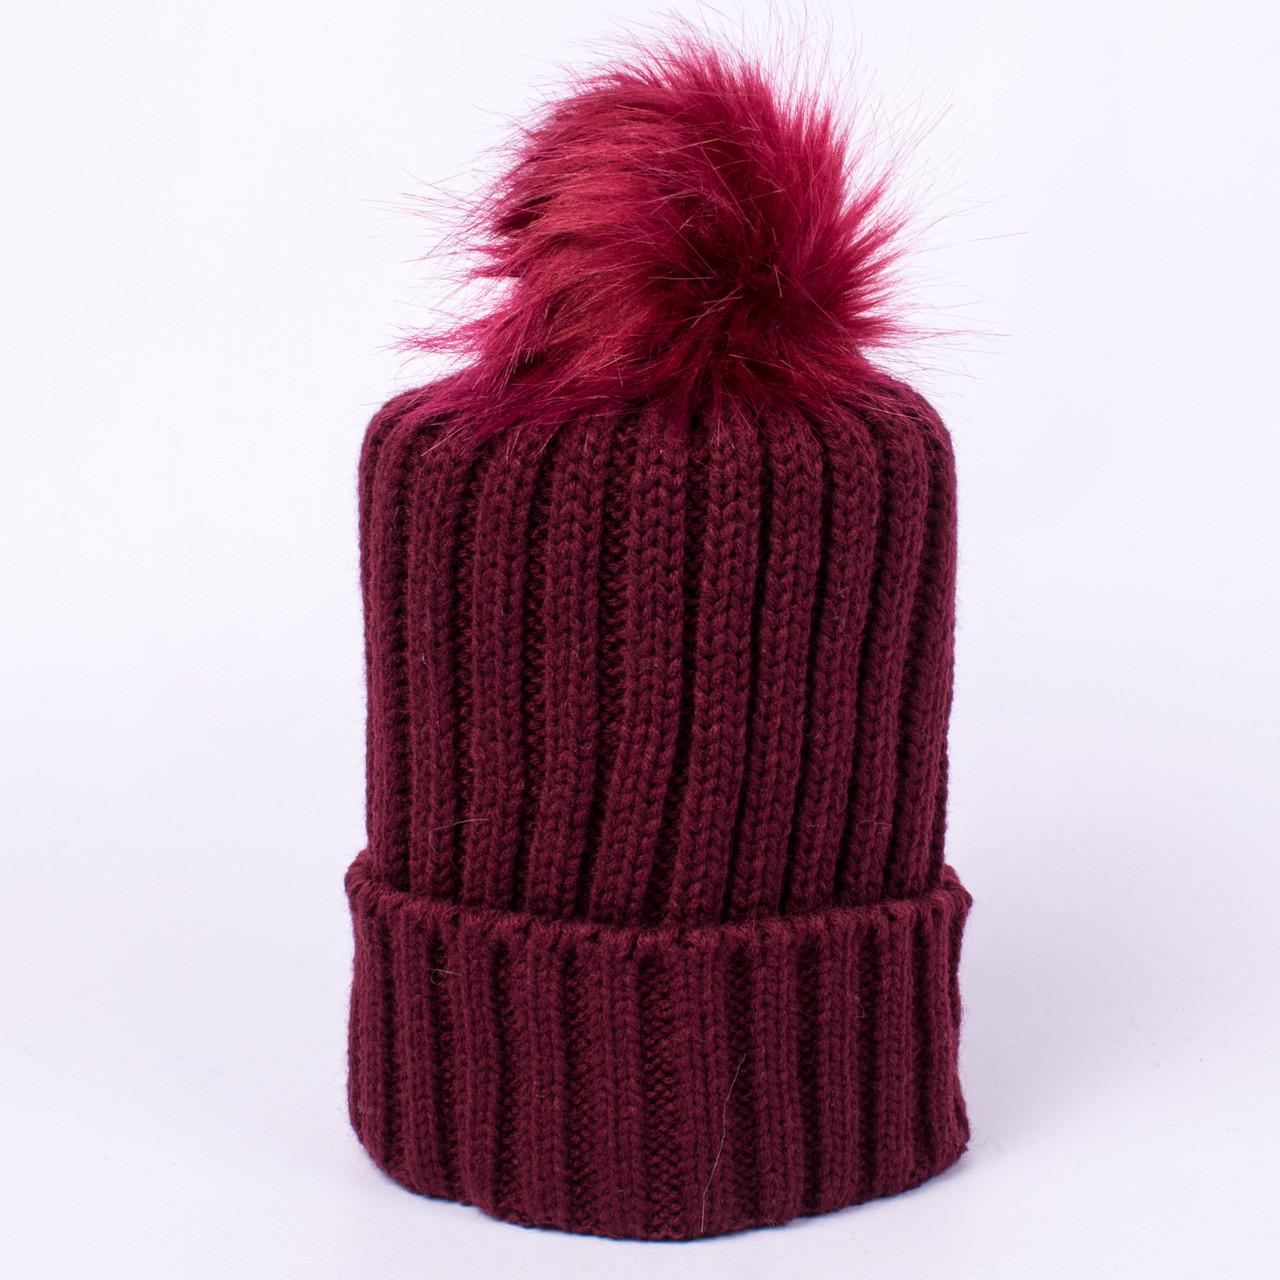 Женская вязаная шапка с помпоном бордовая CMF W18-12 05 Barselona